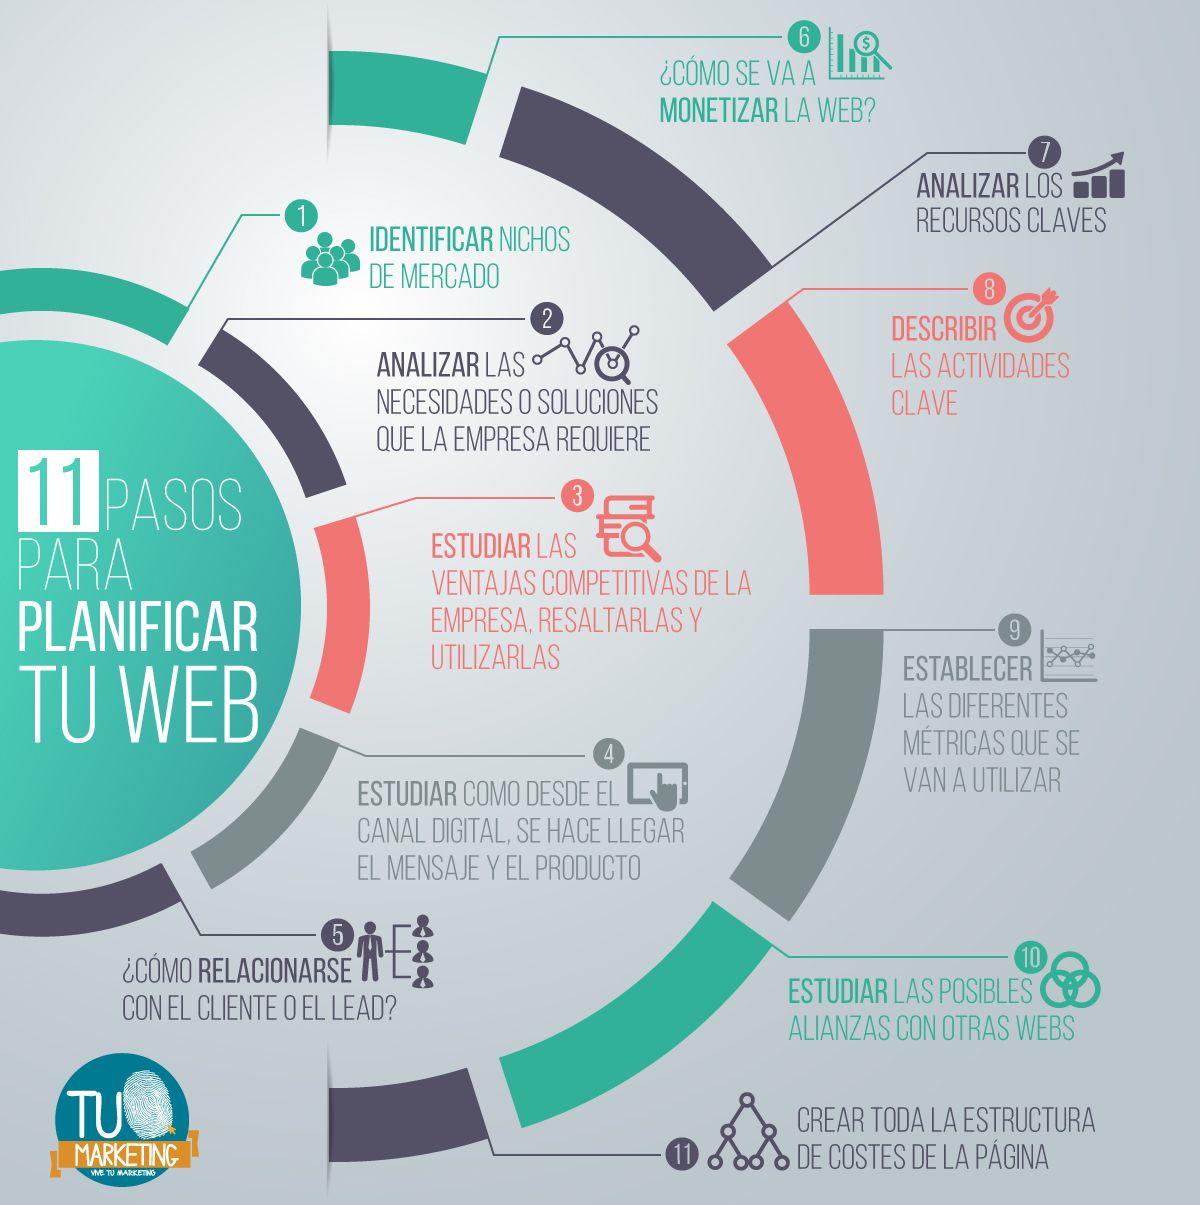 11 Pasos Para Planificar Tu Web #infografia #infographic